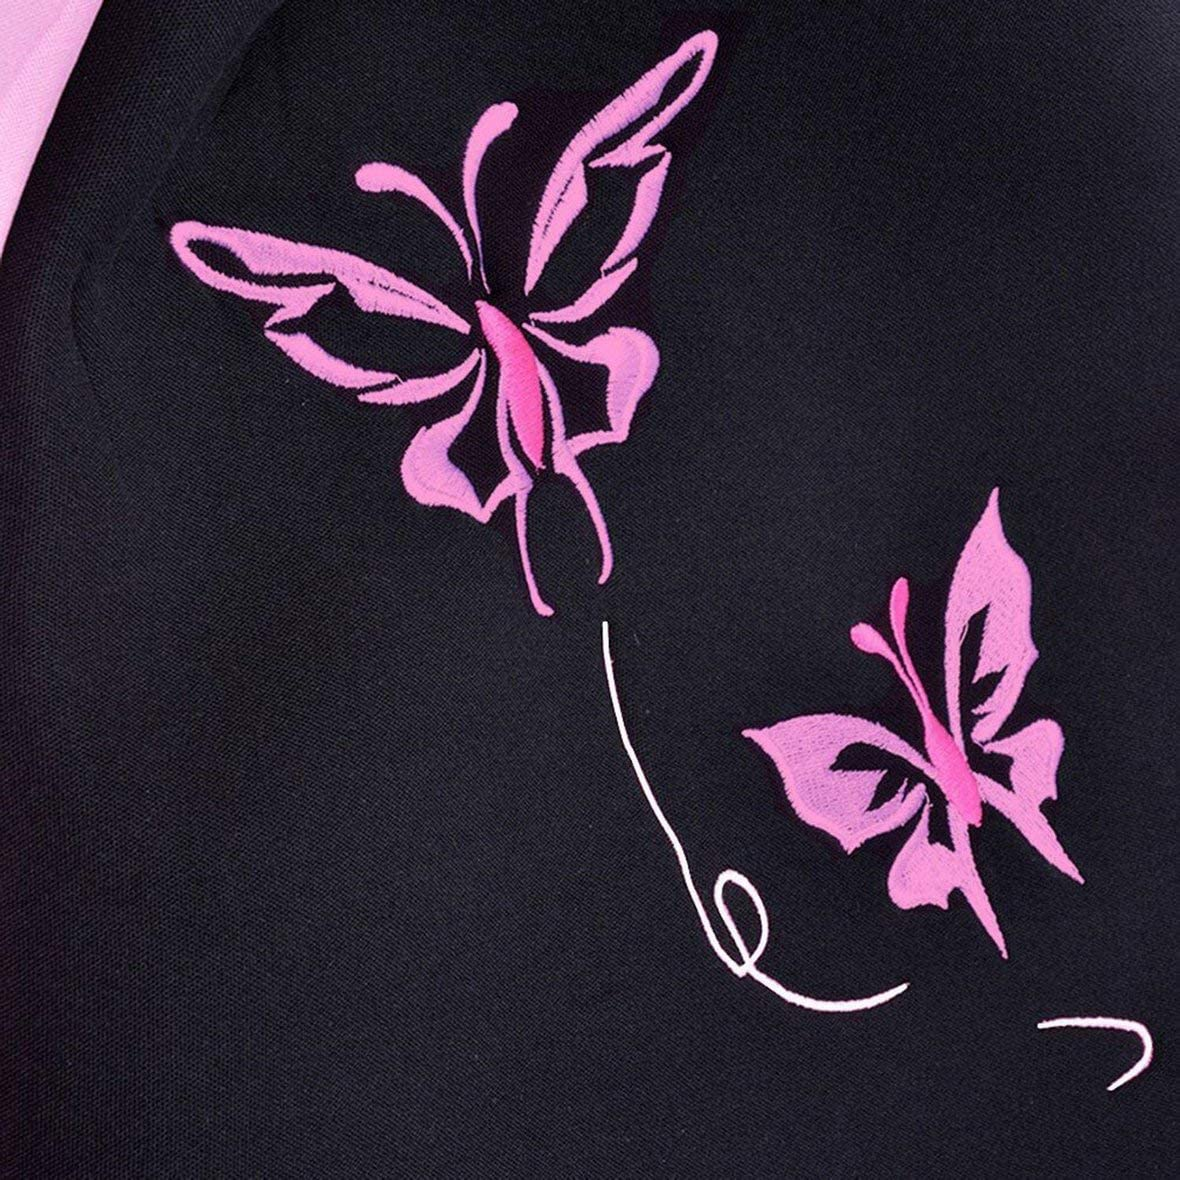 Heaviesk Estilo de Moda de Mariposa Delantero Trasero Fundas de Asiento de Coche universales Coches de veh/ículo de autom/óviles Rosa Lindo Fundas de Asiento